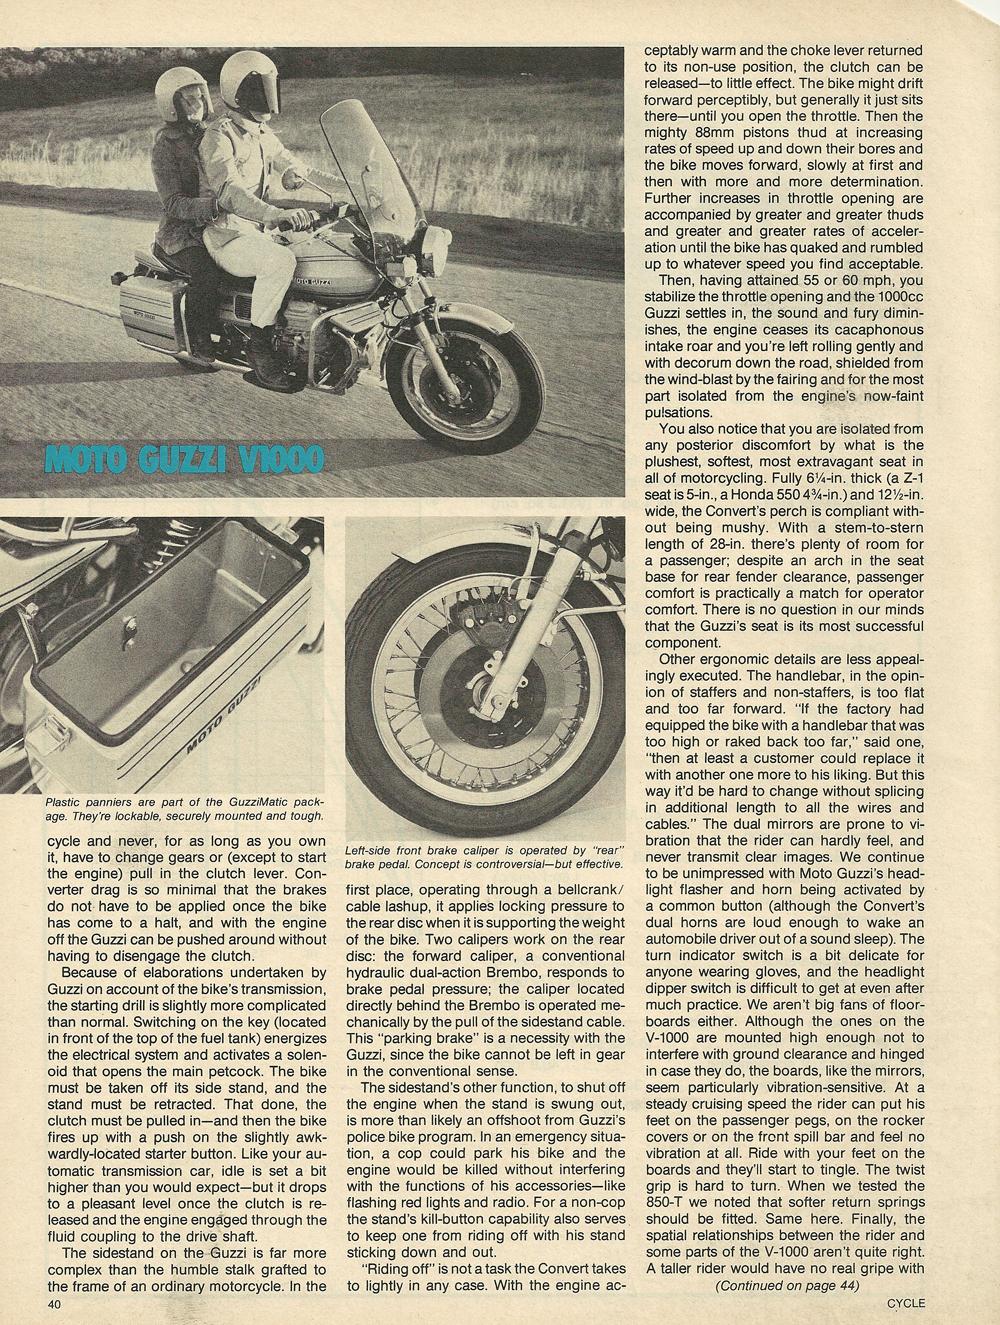 1976 Μoto Guzzi V1000 Convert